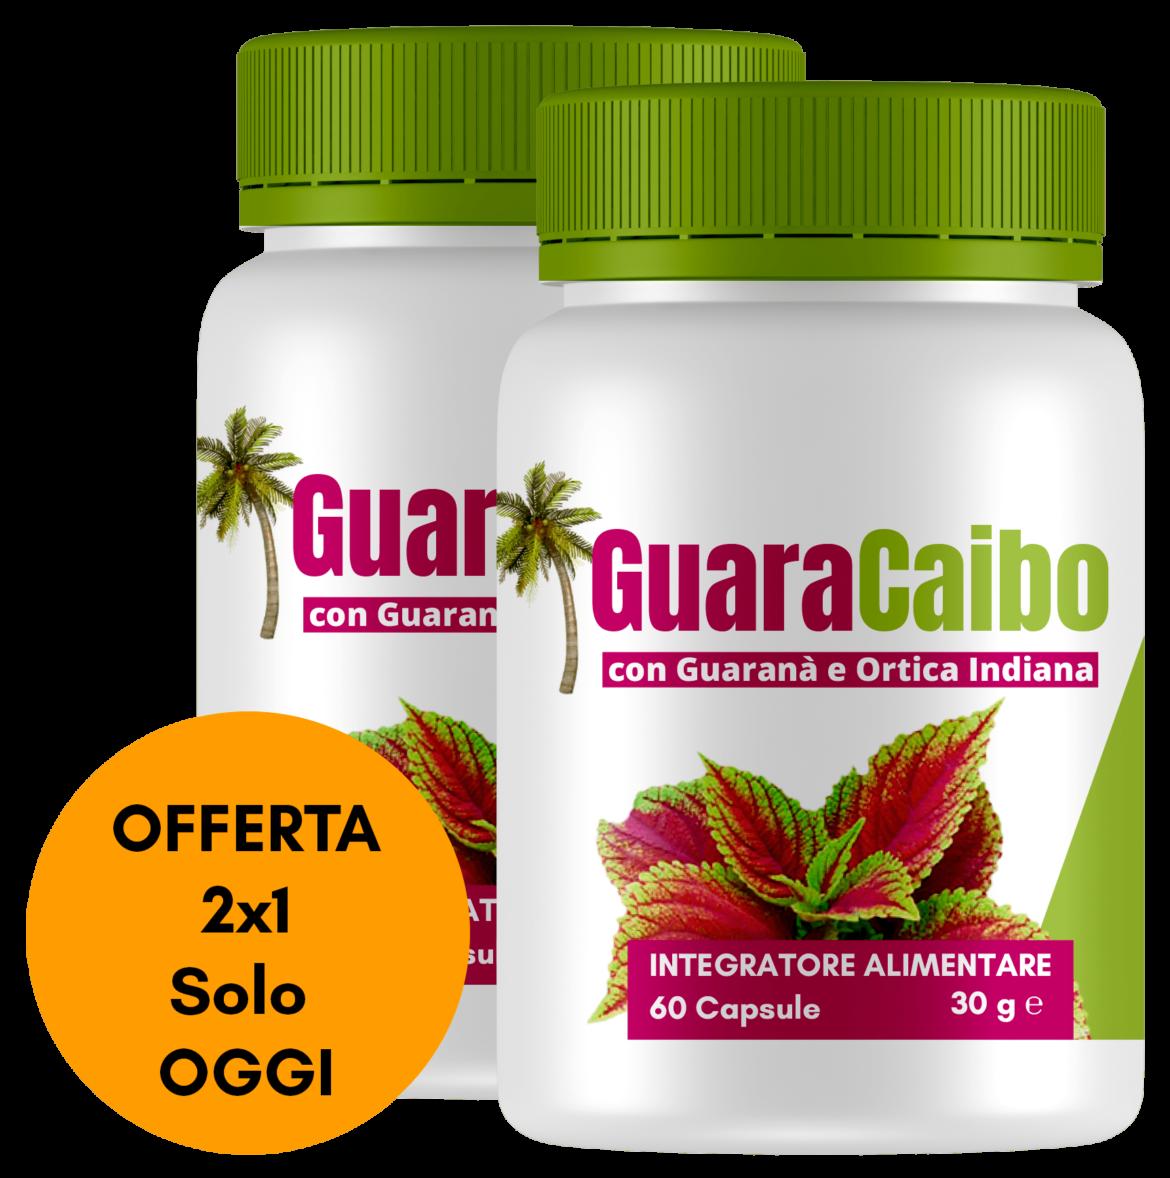 GuaraCaibo formula naturale: dove si acquista? Sito ufficiale, opinioni e testimonianze, prezzo